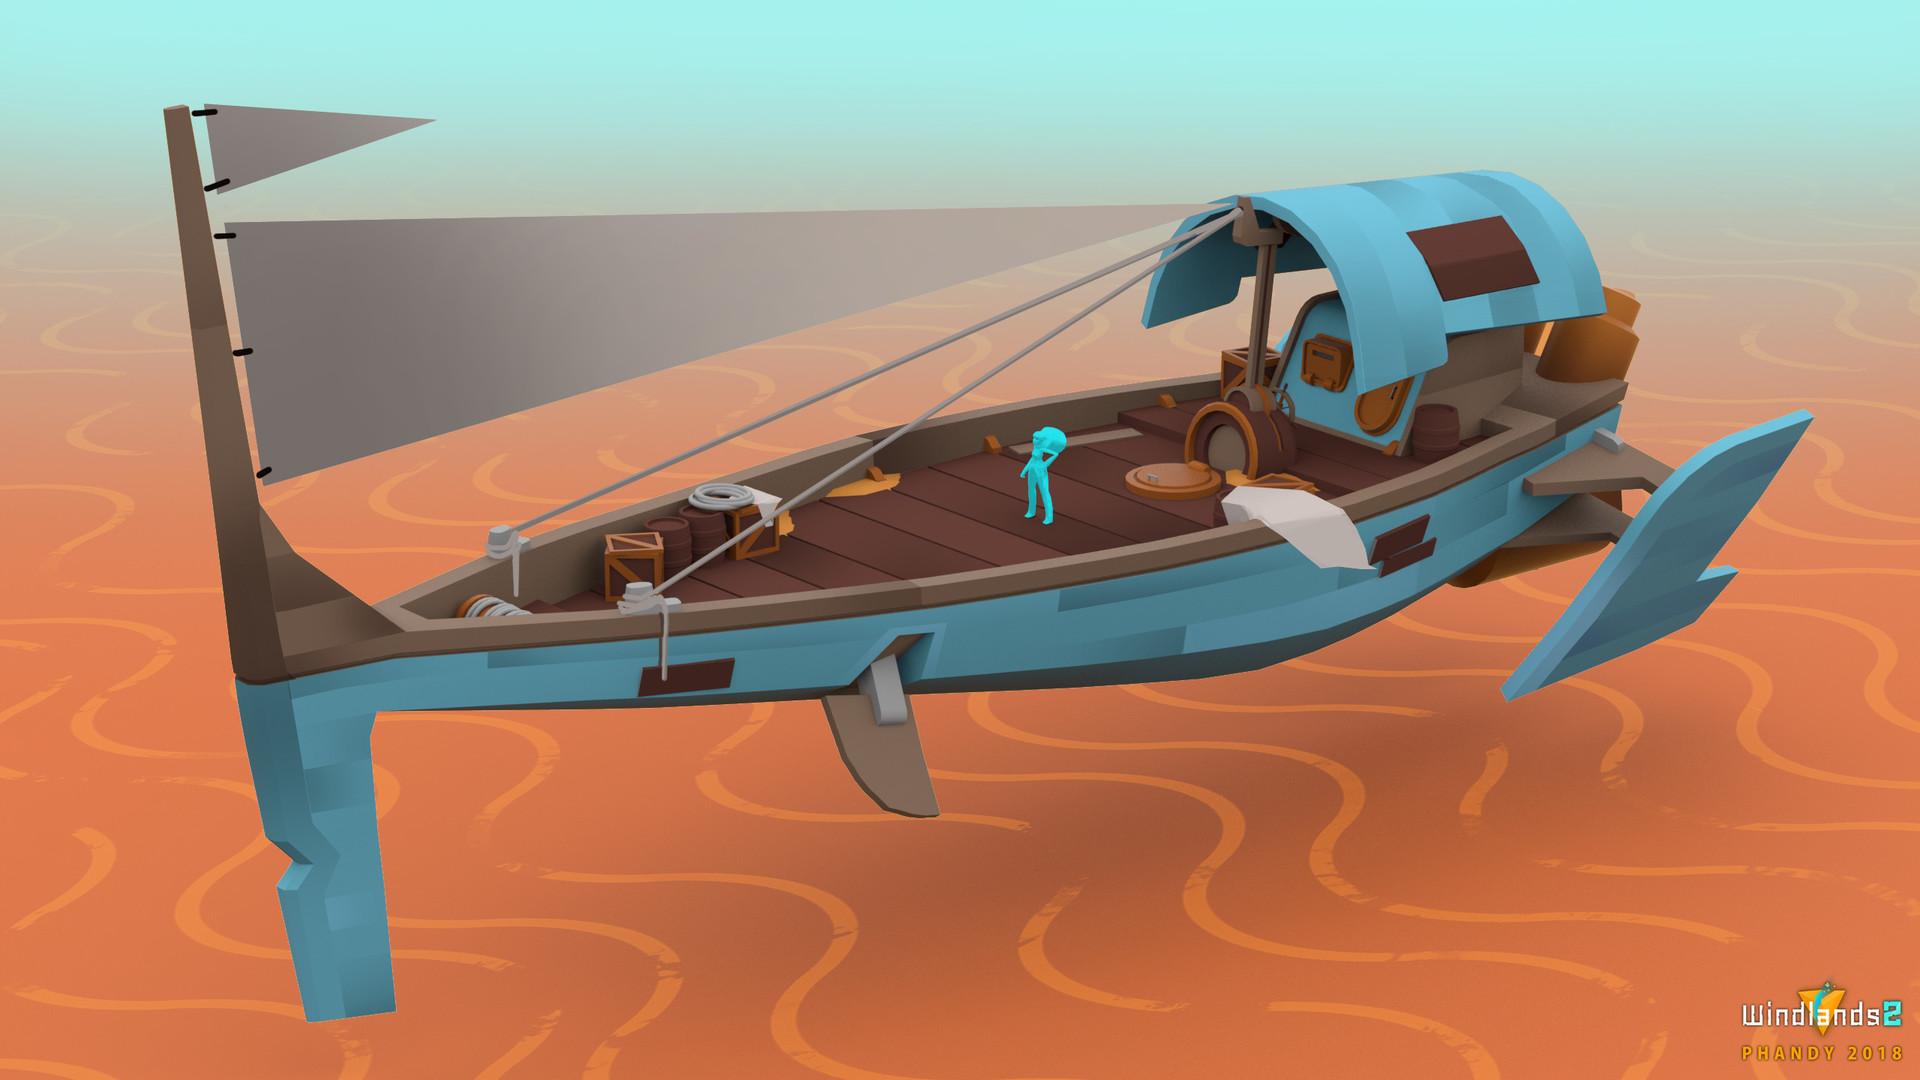 Andrew porter phandy boat03